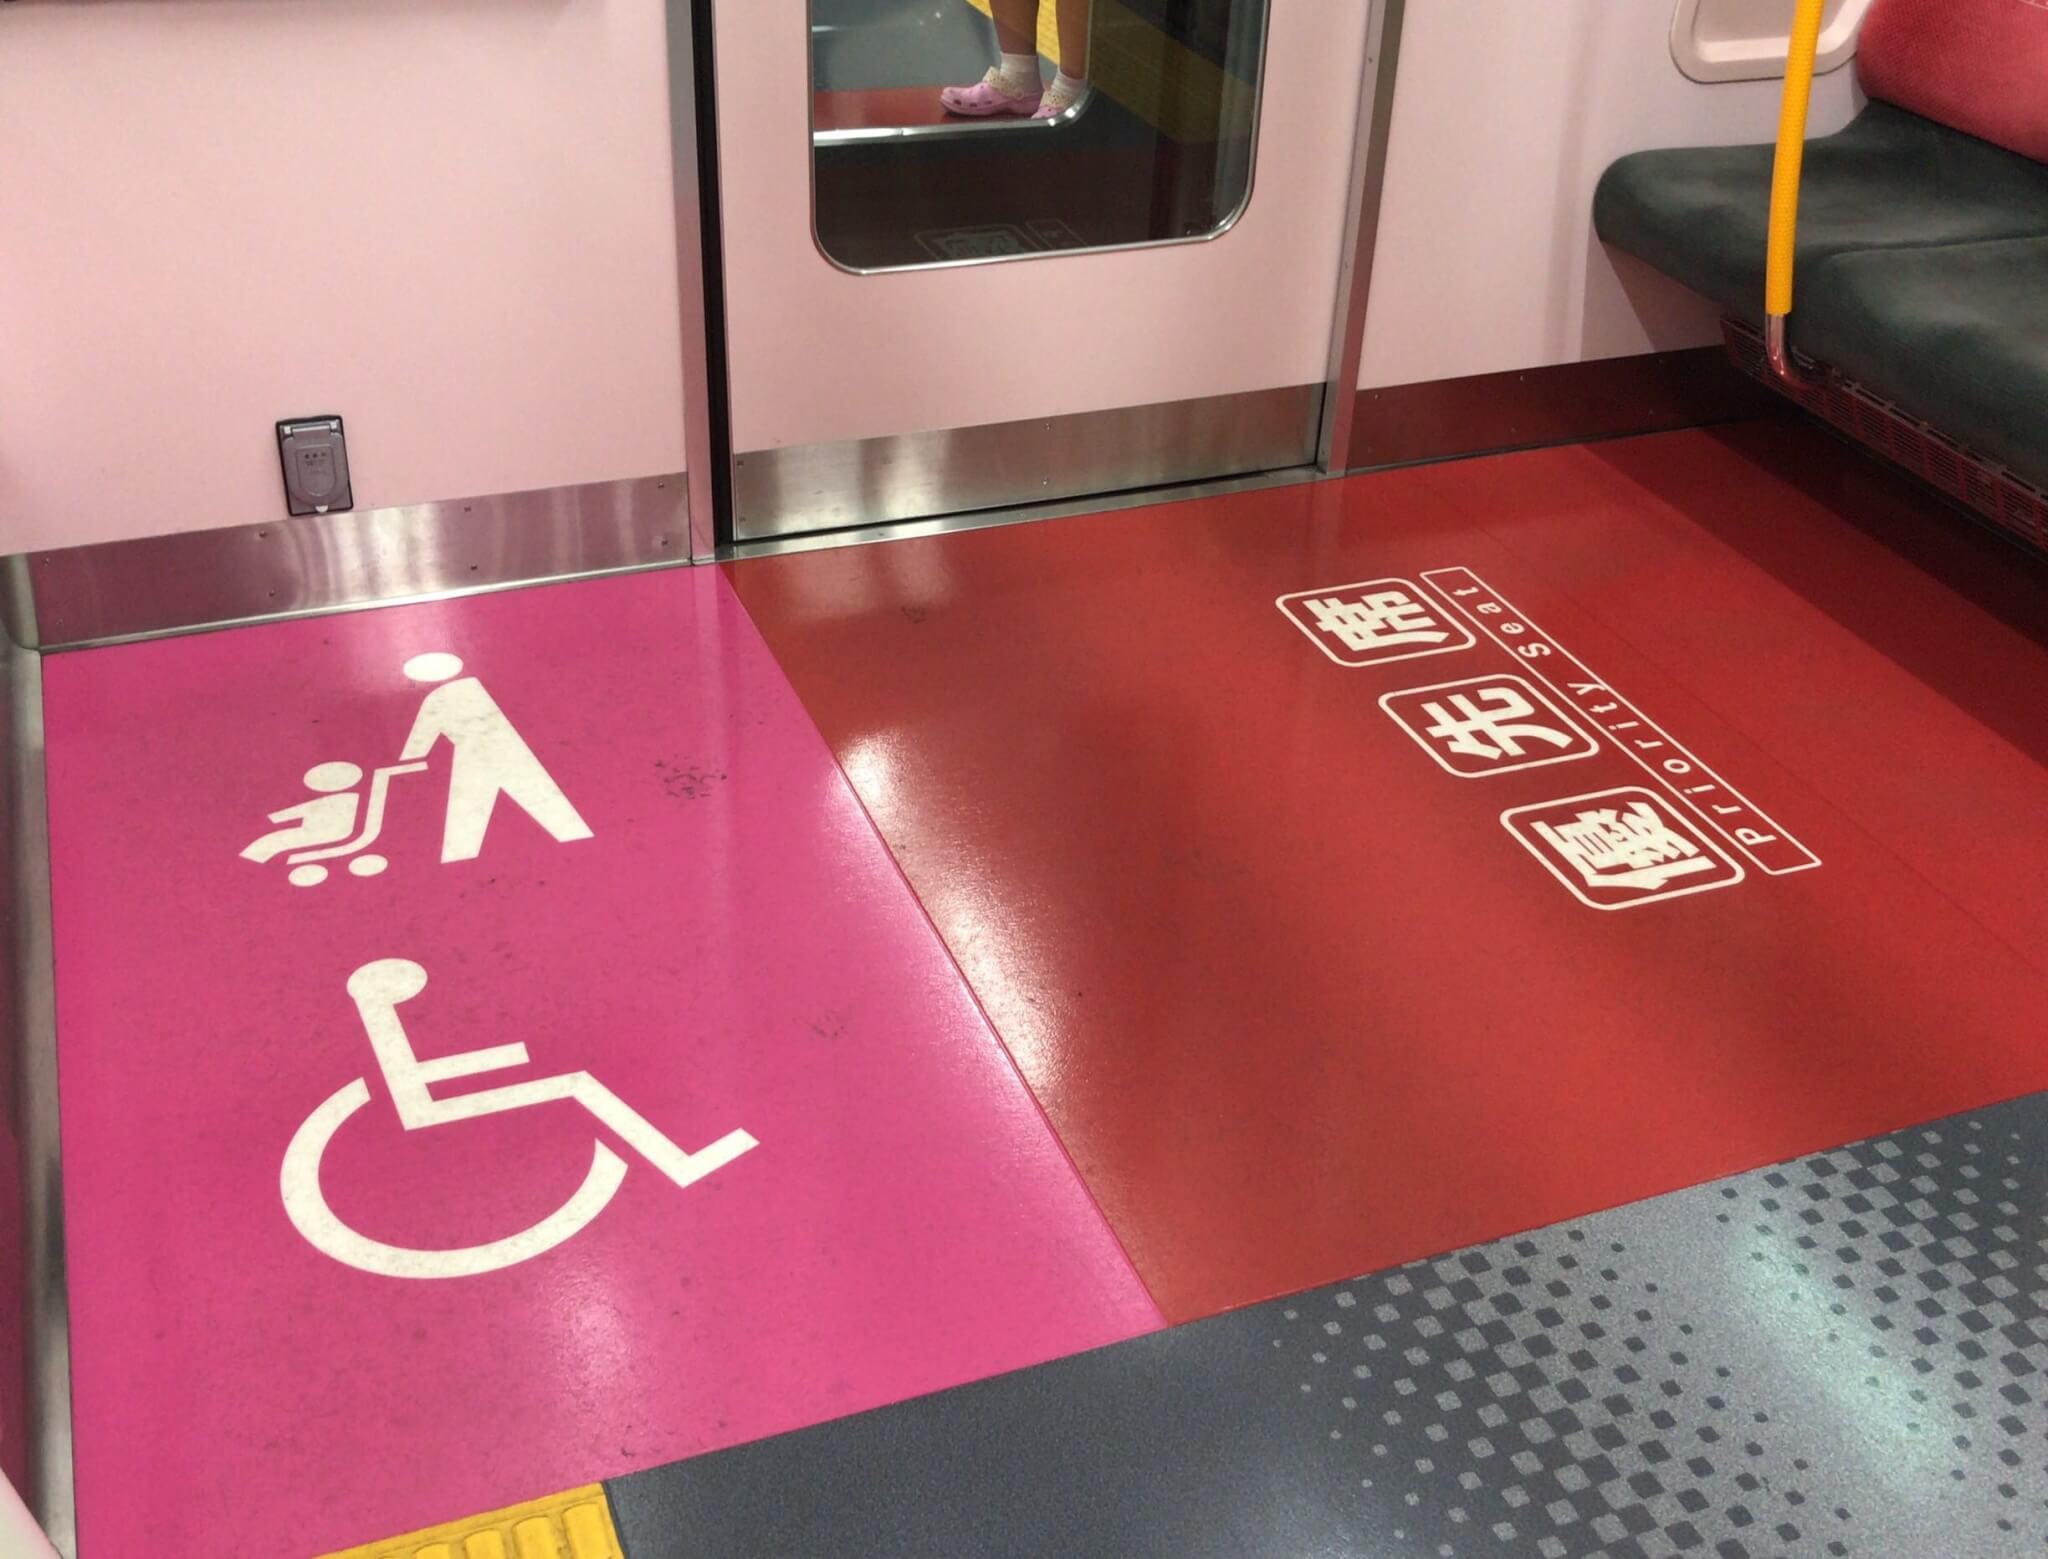 ベビーカーで電車に乗る際のマナー 車いすスペースの広い場所を利用する